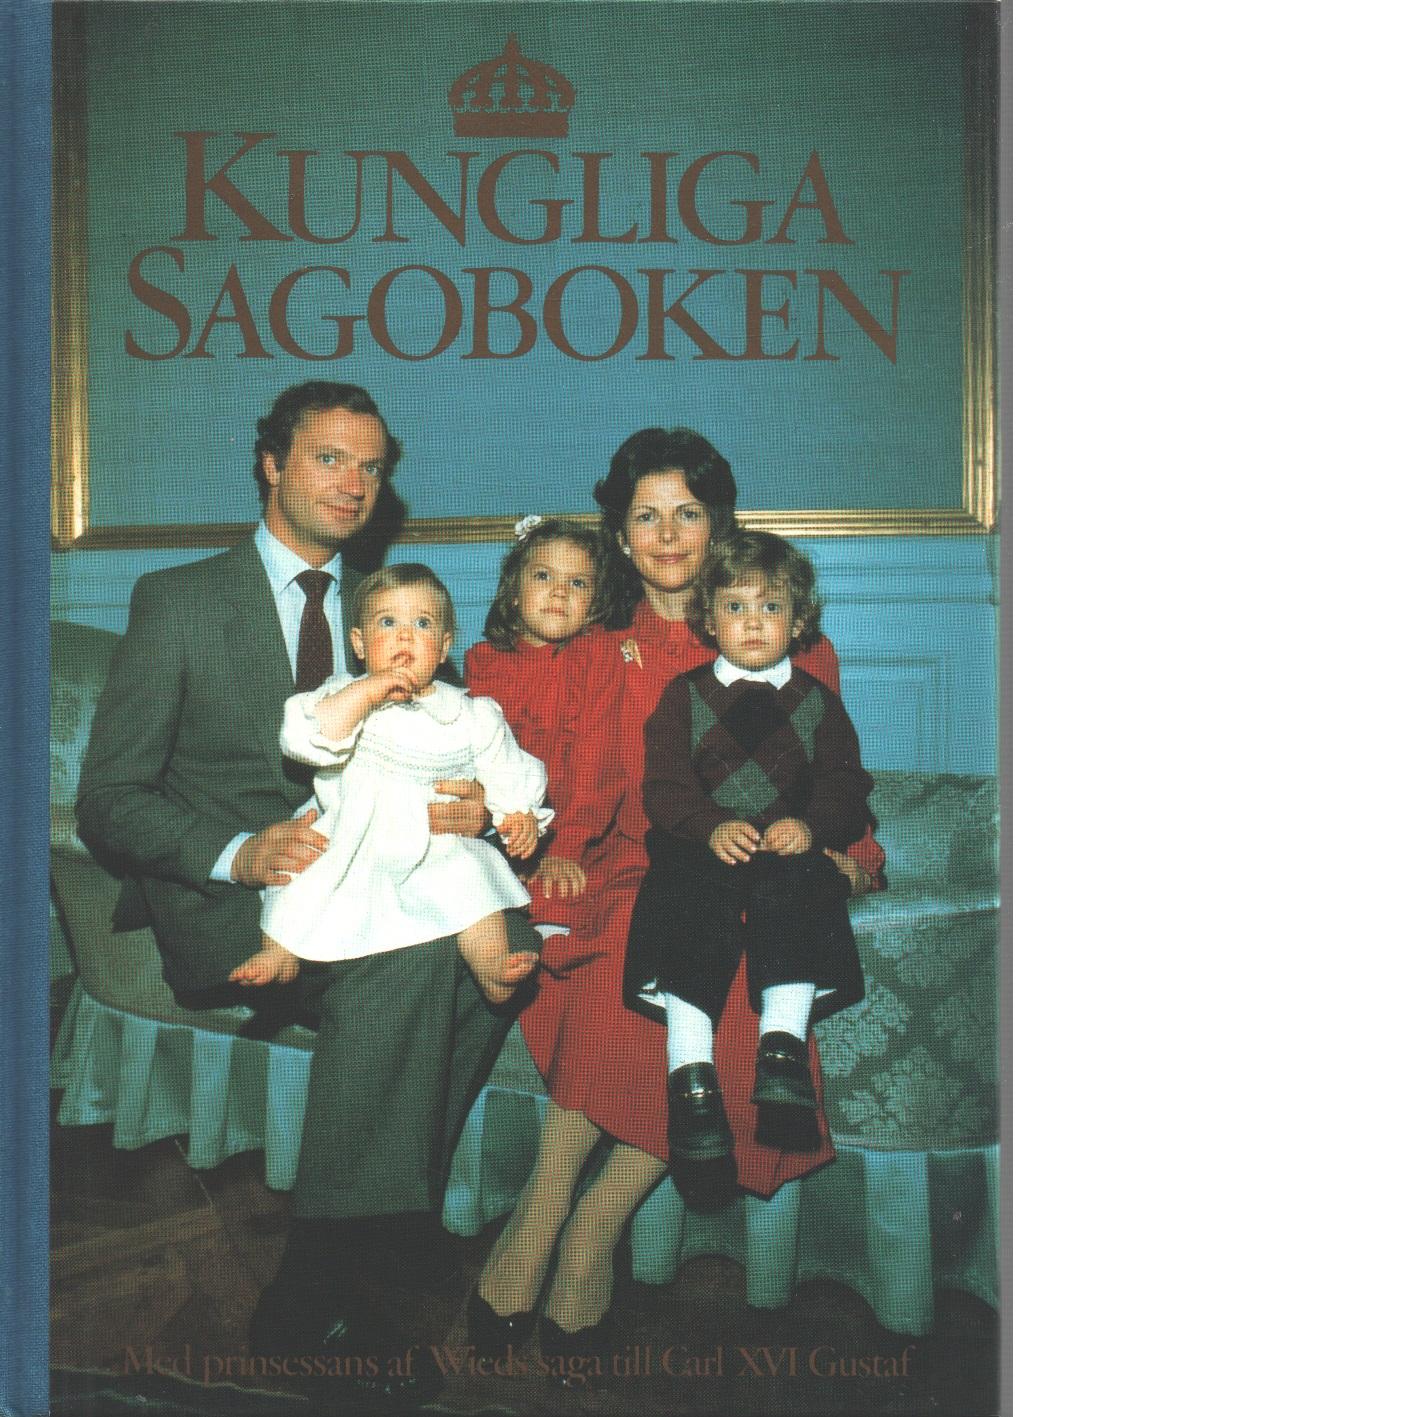 Kungliga sagoboken / [med prinsessans af Wieds saga till Carl XVI Gustaf] - Red. Wied, Marie Elisabeth af